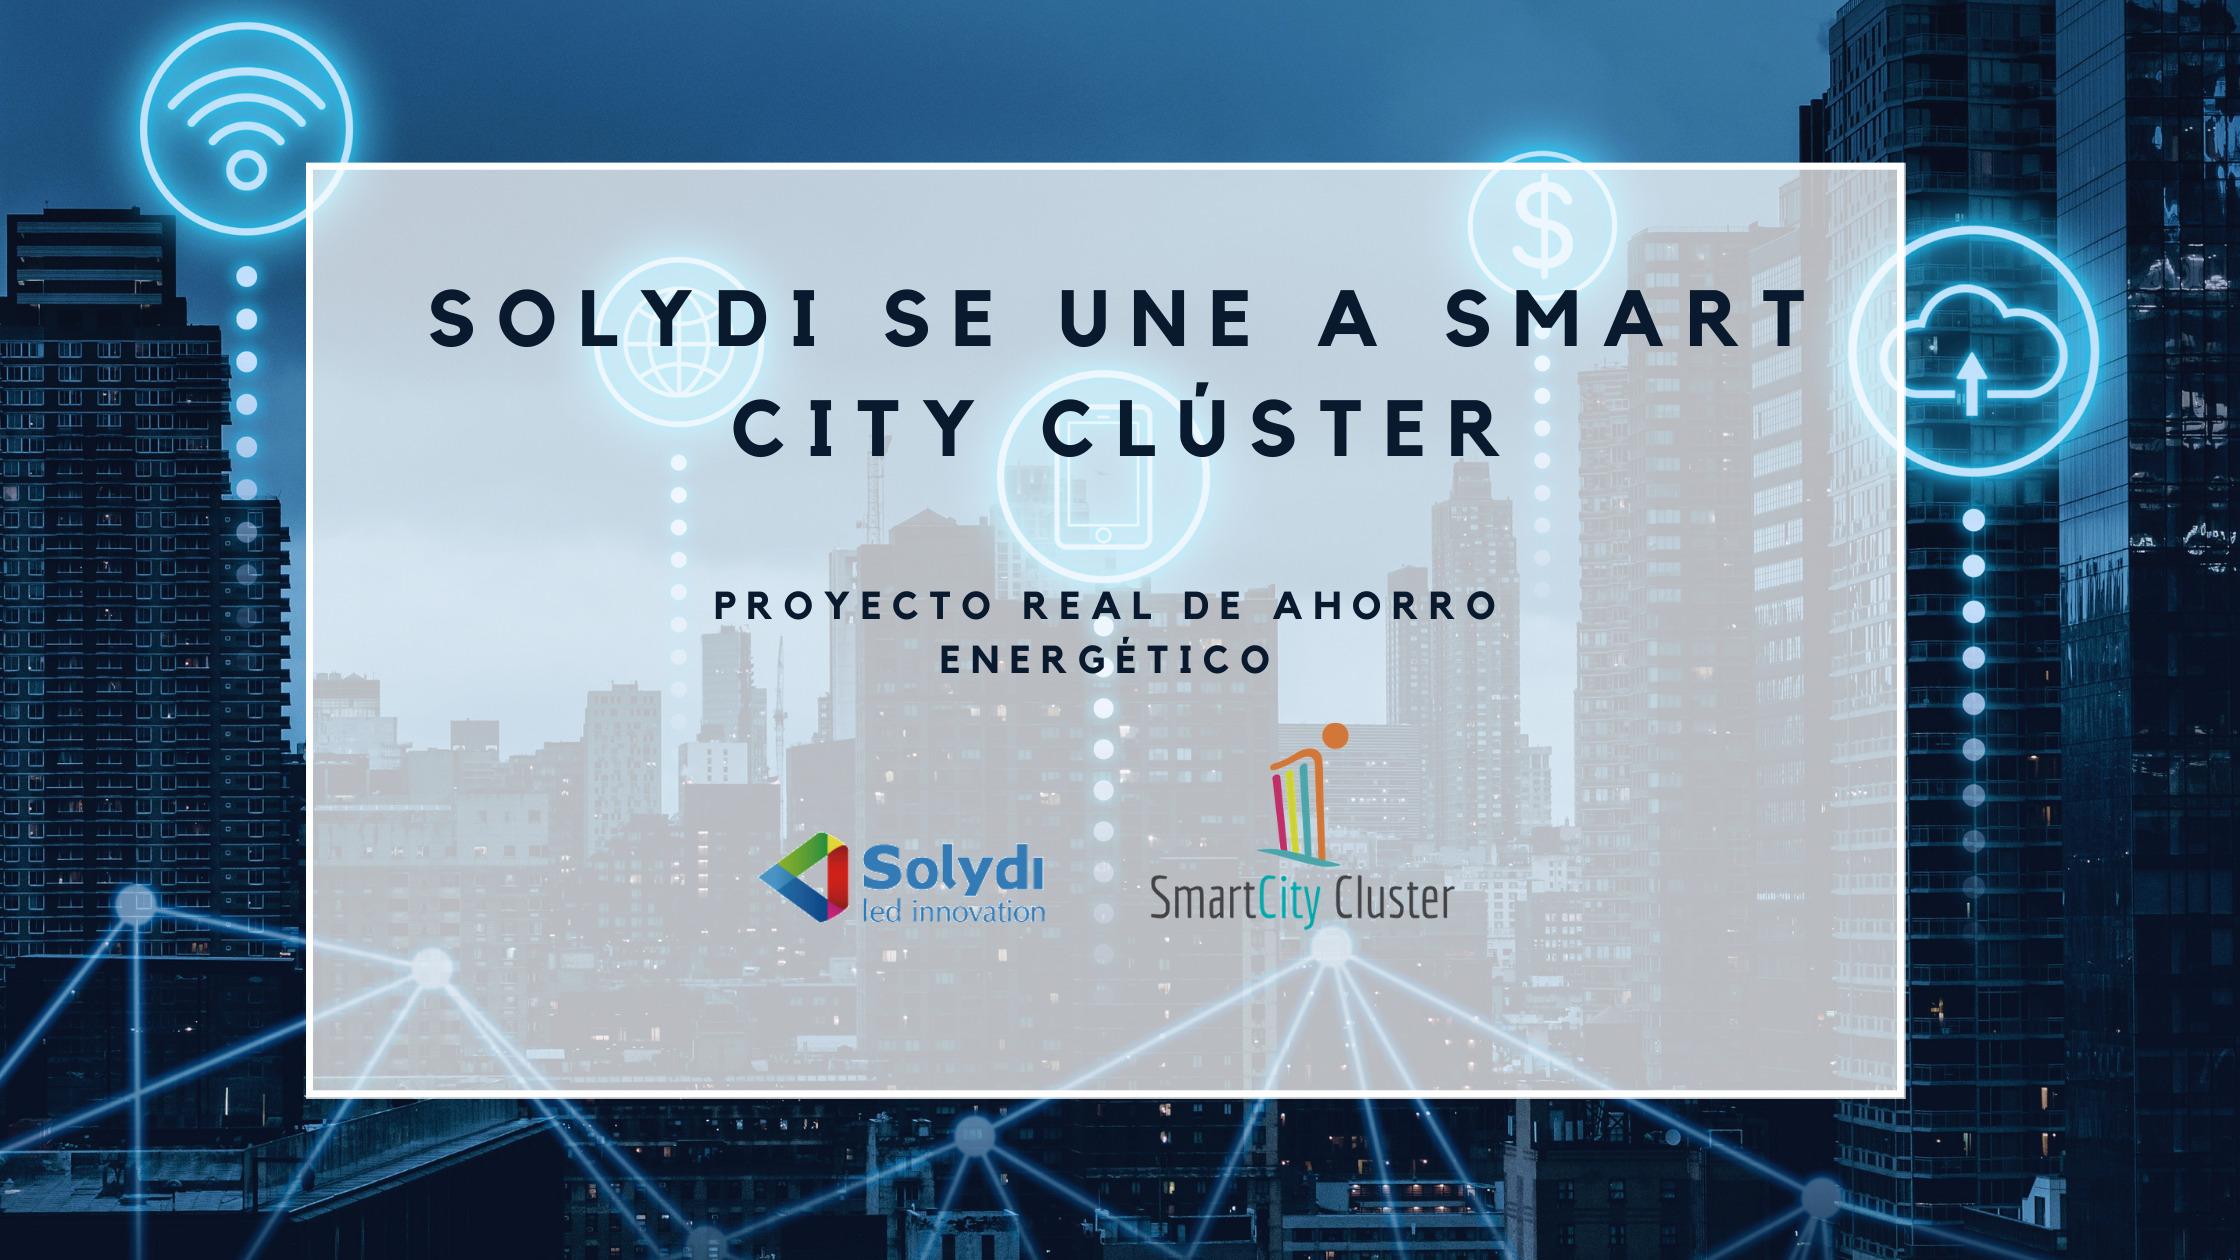 Solydi se une al Clúster Smart City